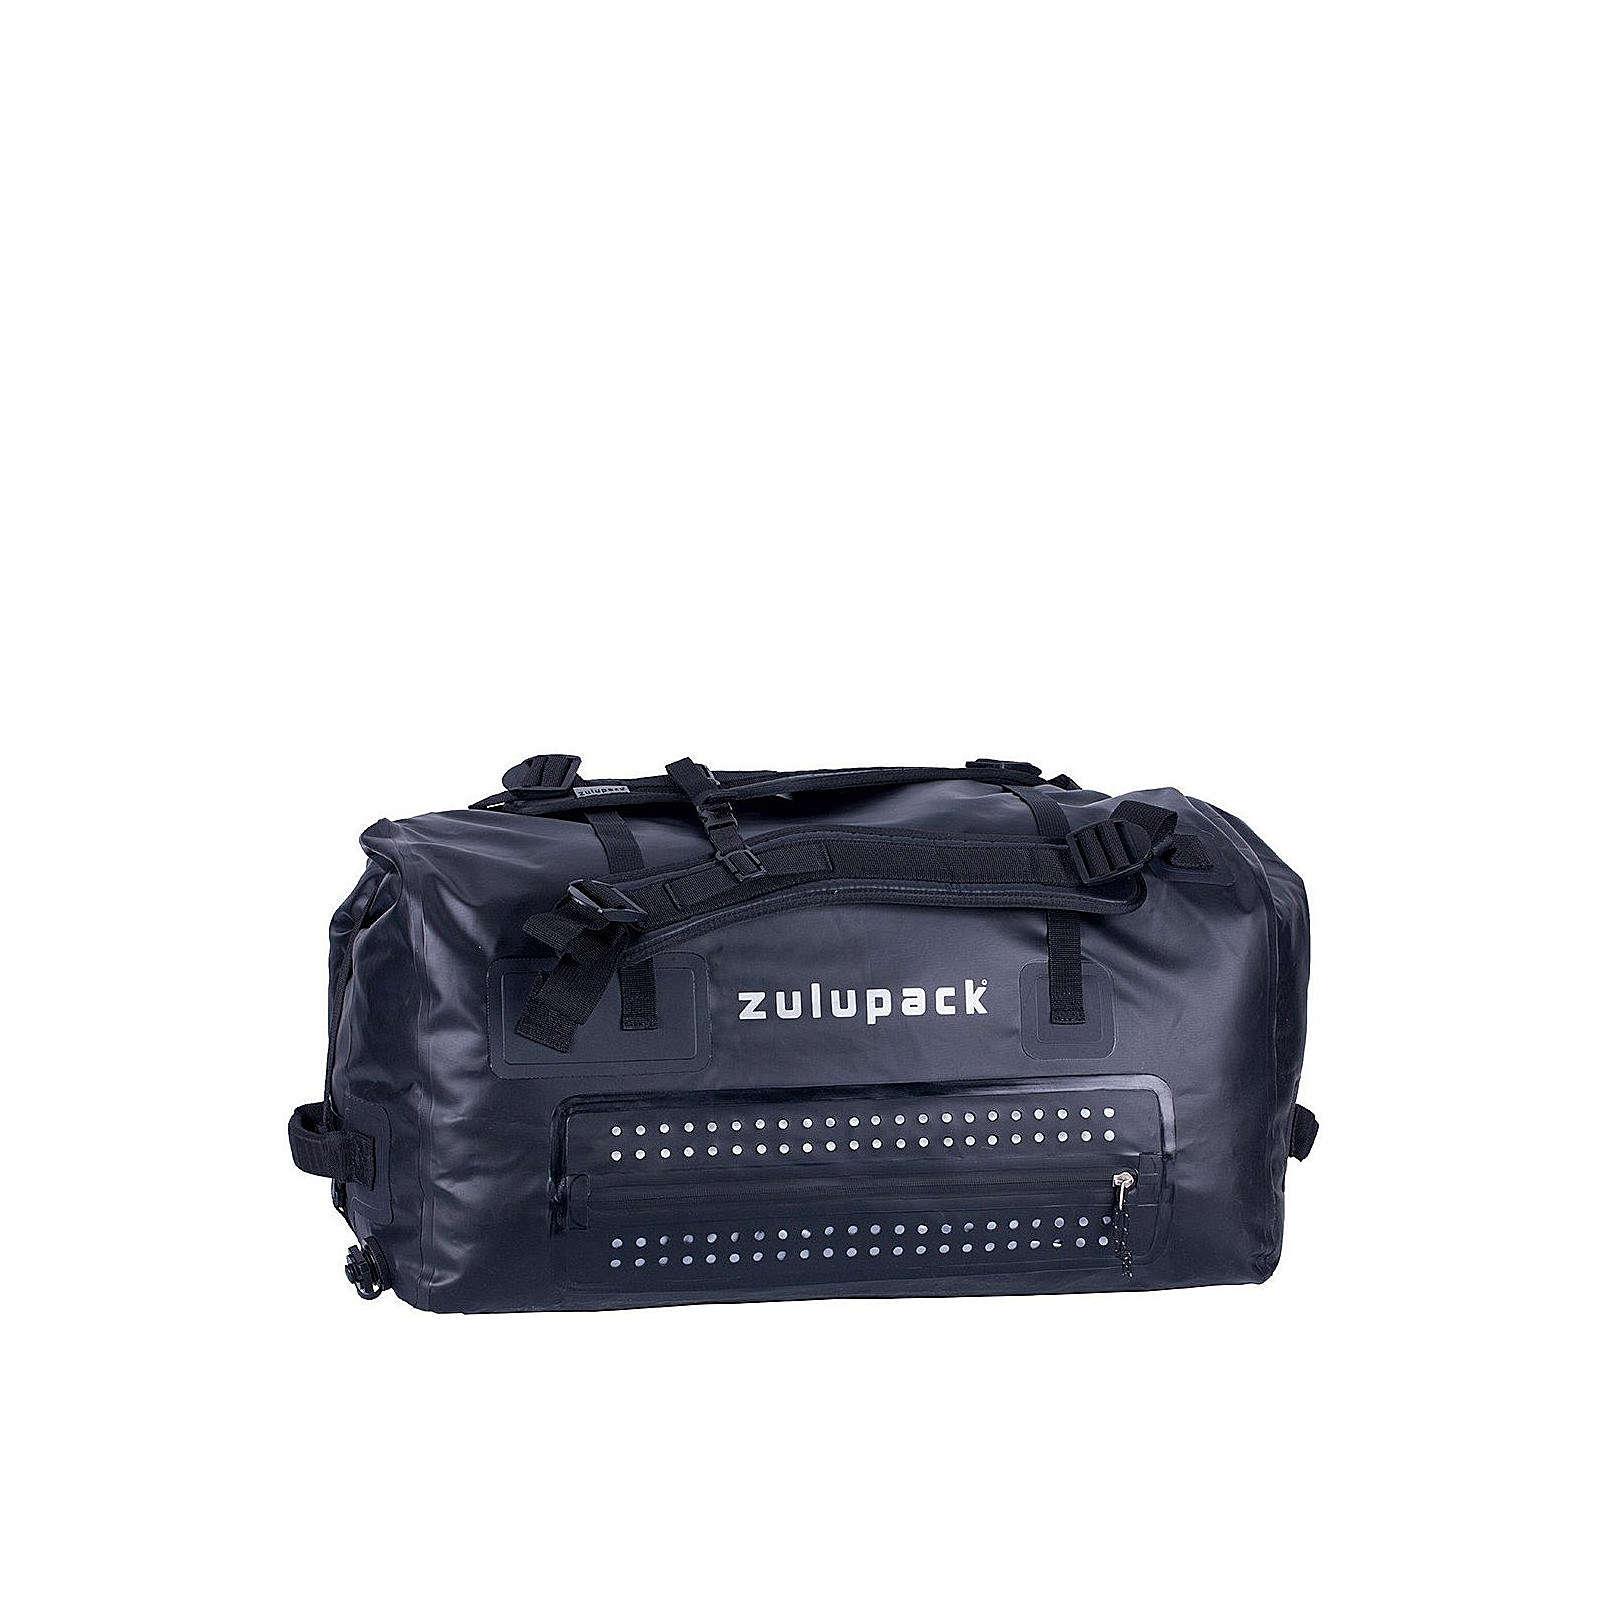 Zulupack Borneo Reisetasche 85 L waterproof 70 cm Reisetaschen schwarz